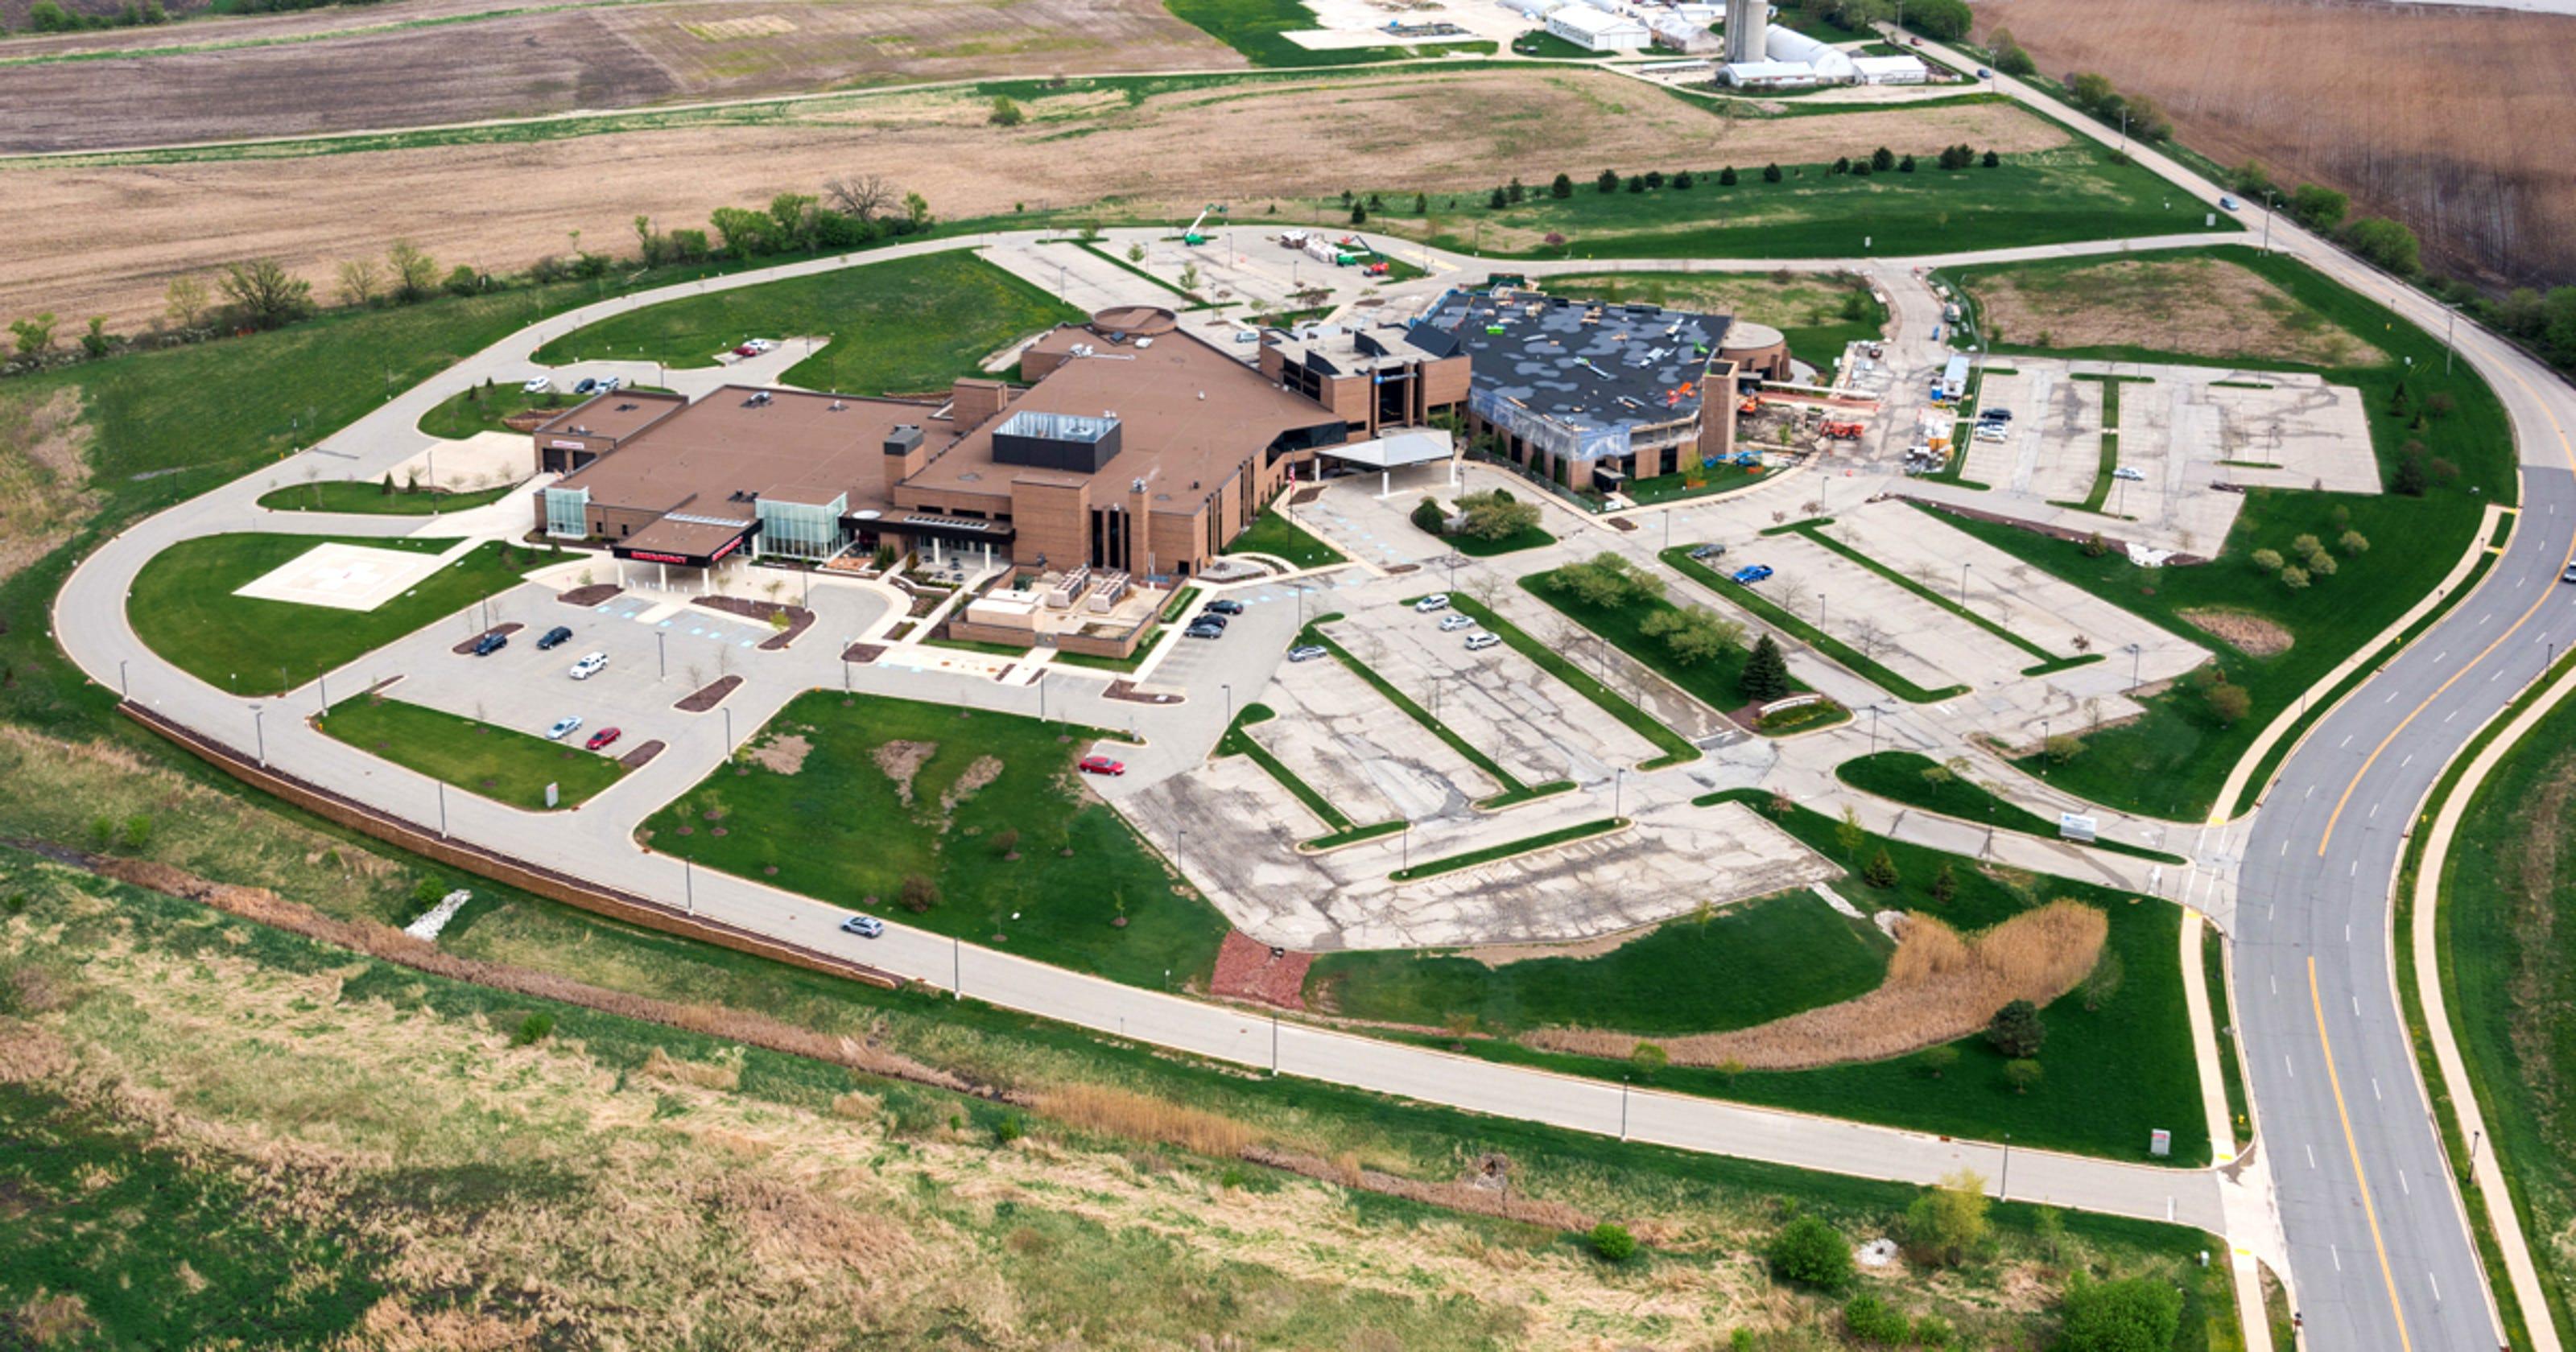 prohealth to build 55 million mukwonago hospital